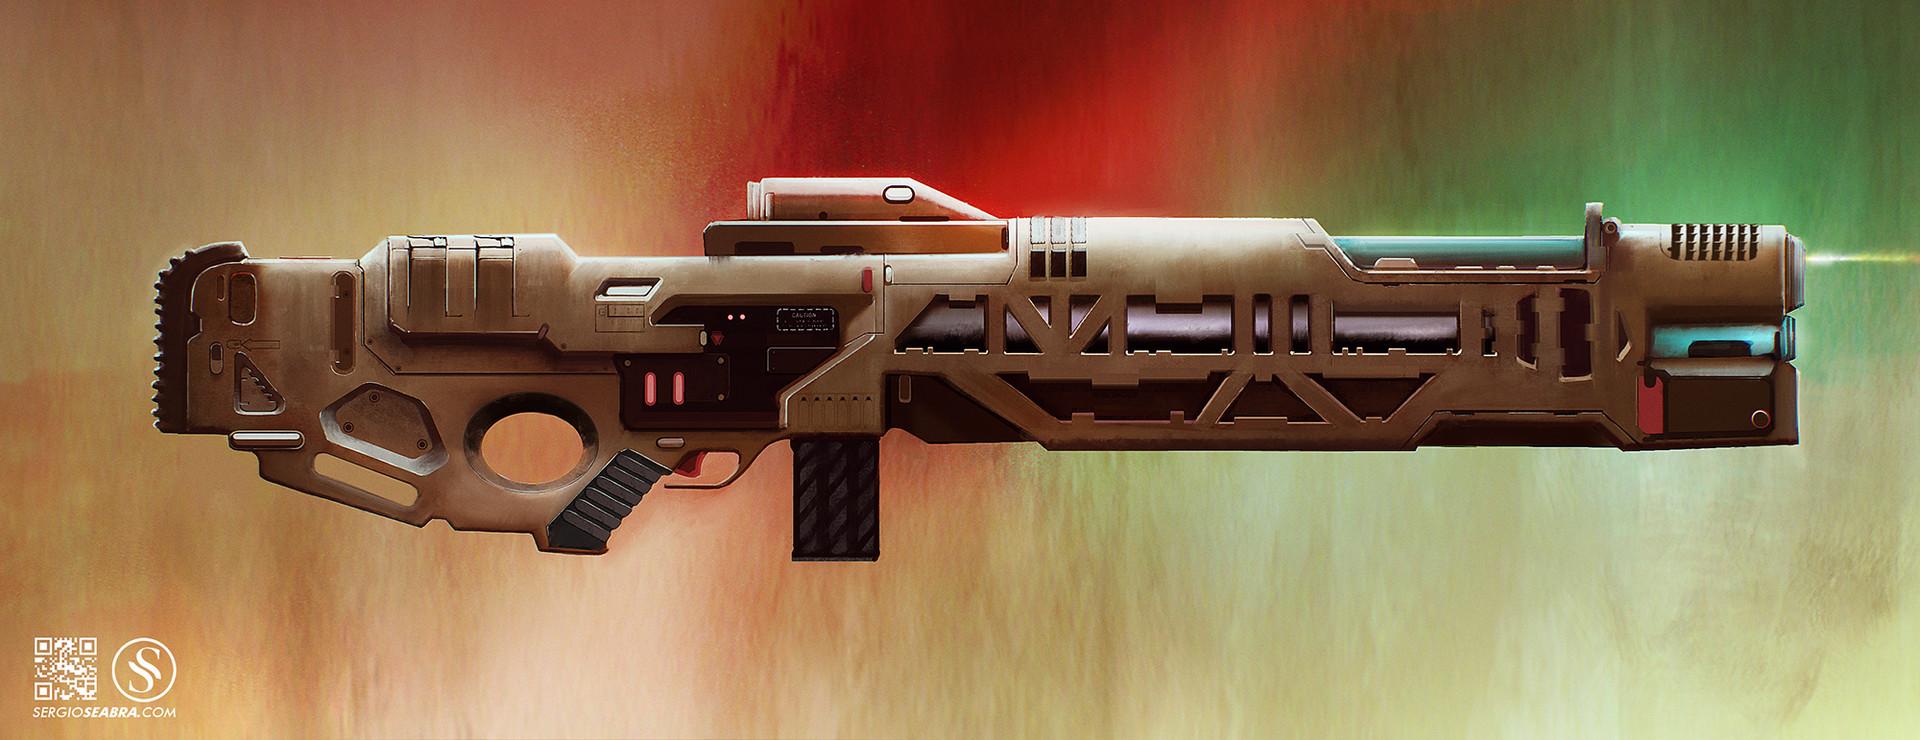 Sergio seabra 20181228 scifi rifle web